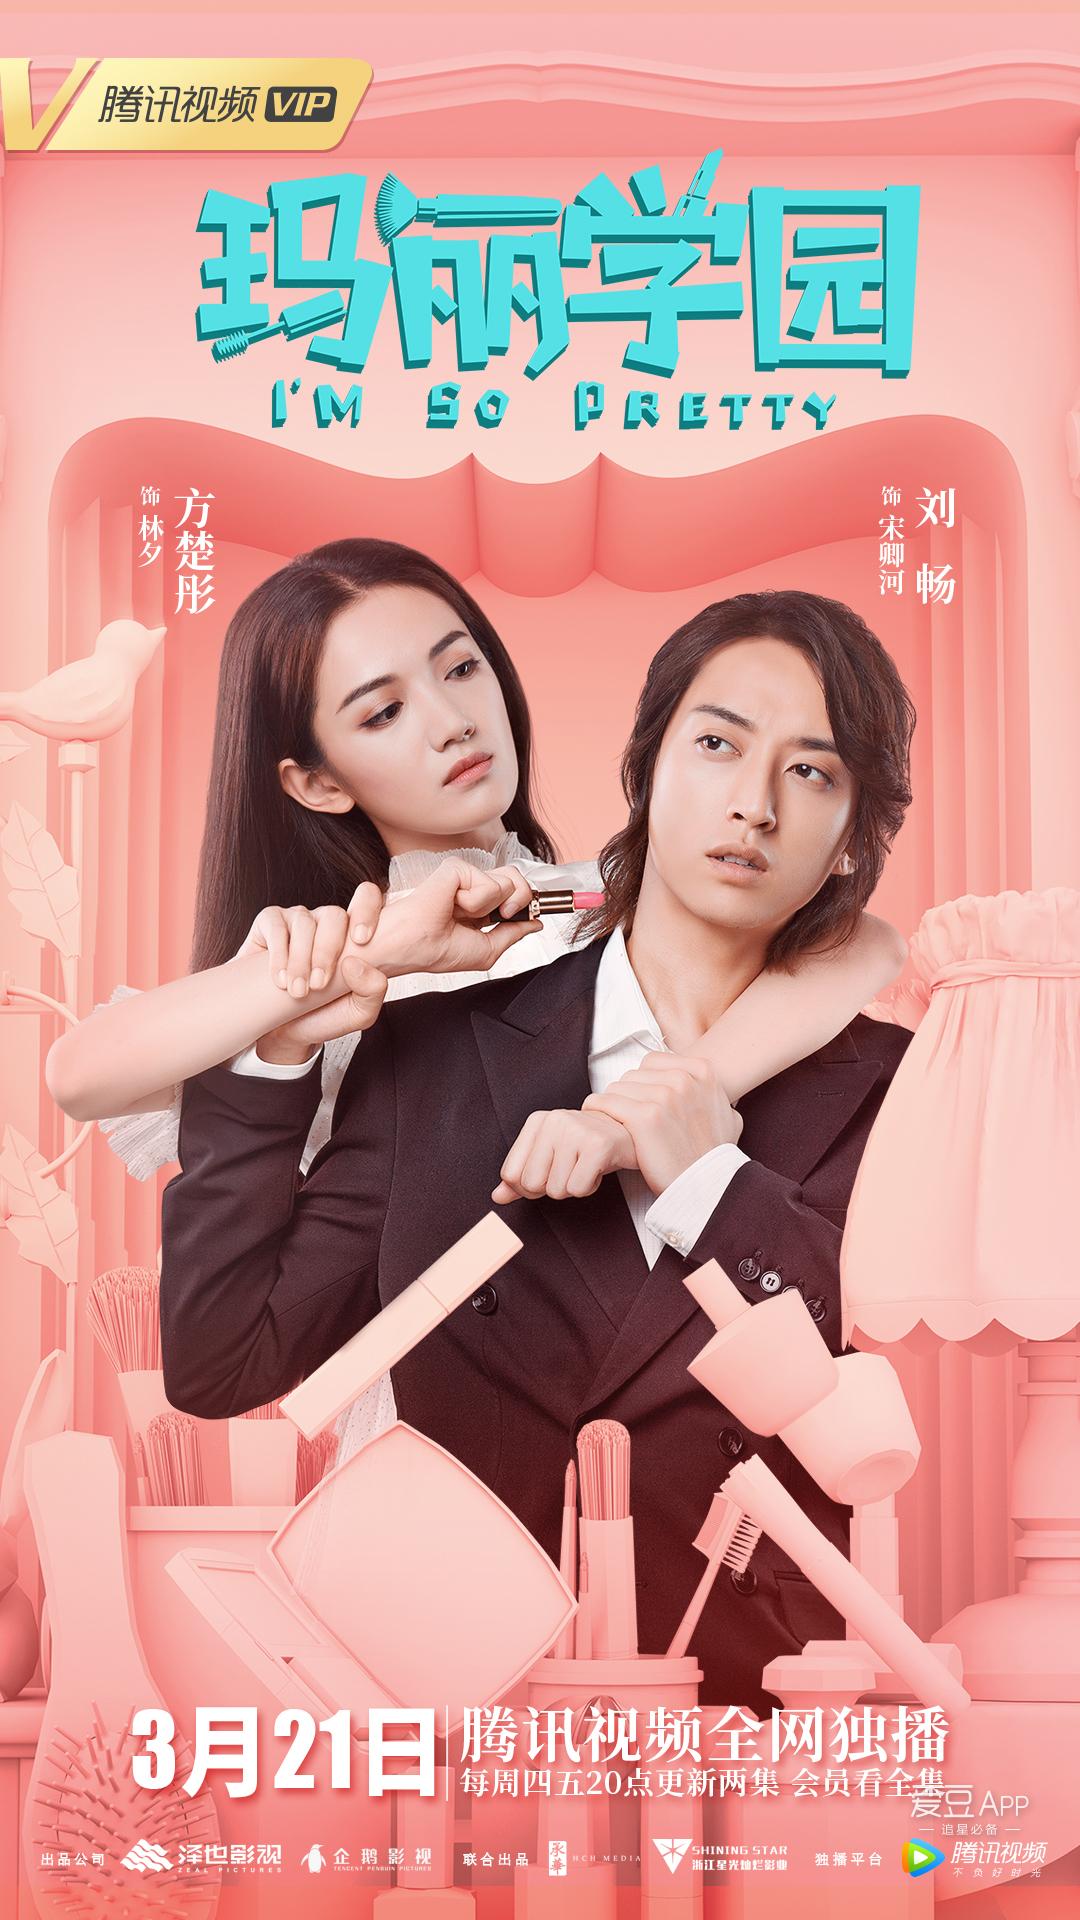 http://www.zgcg360.com/meizhuangrihua/347082.html